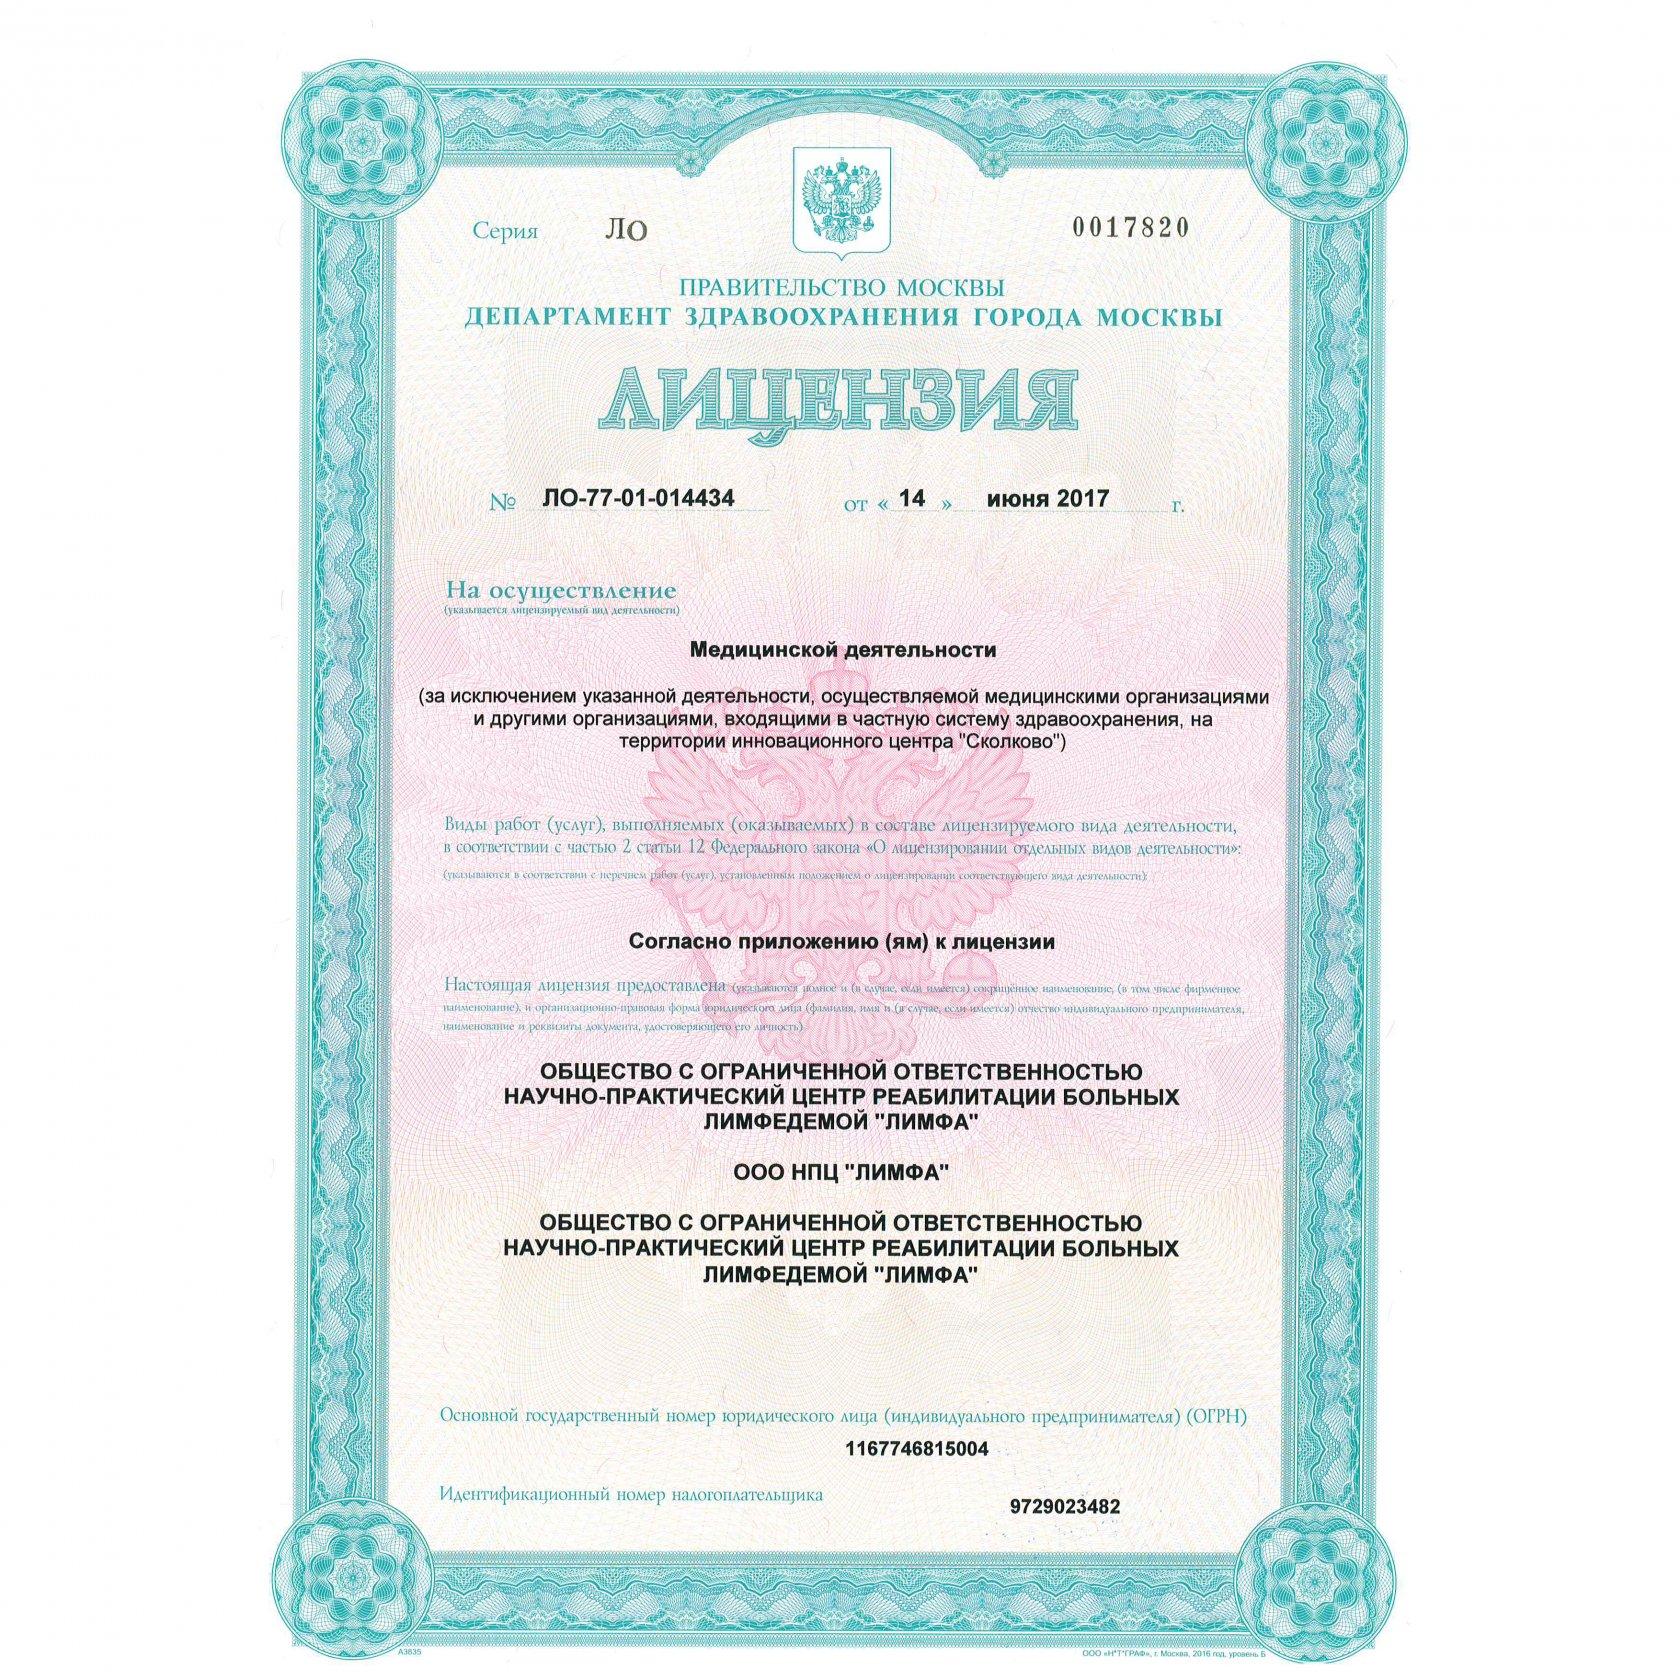 Косметика лицензия купить украина selective косметика купить